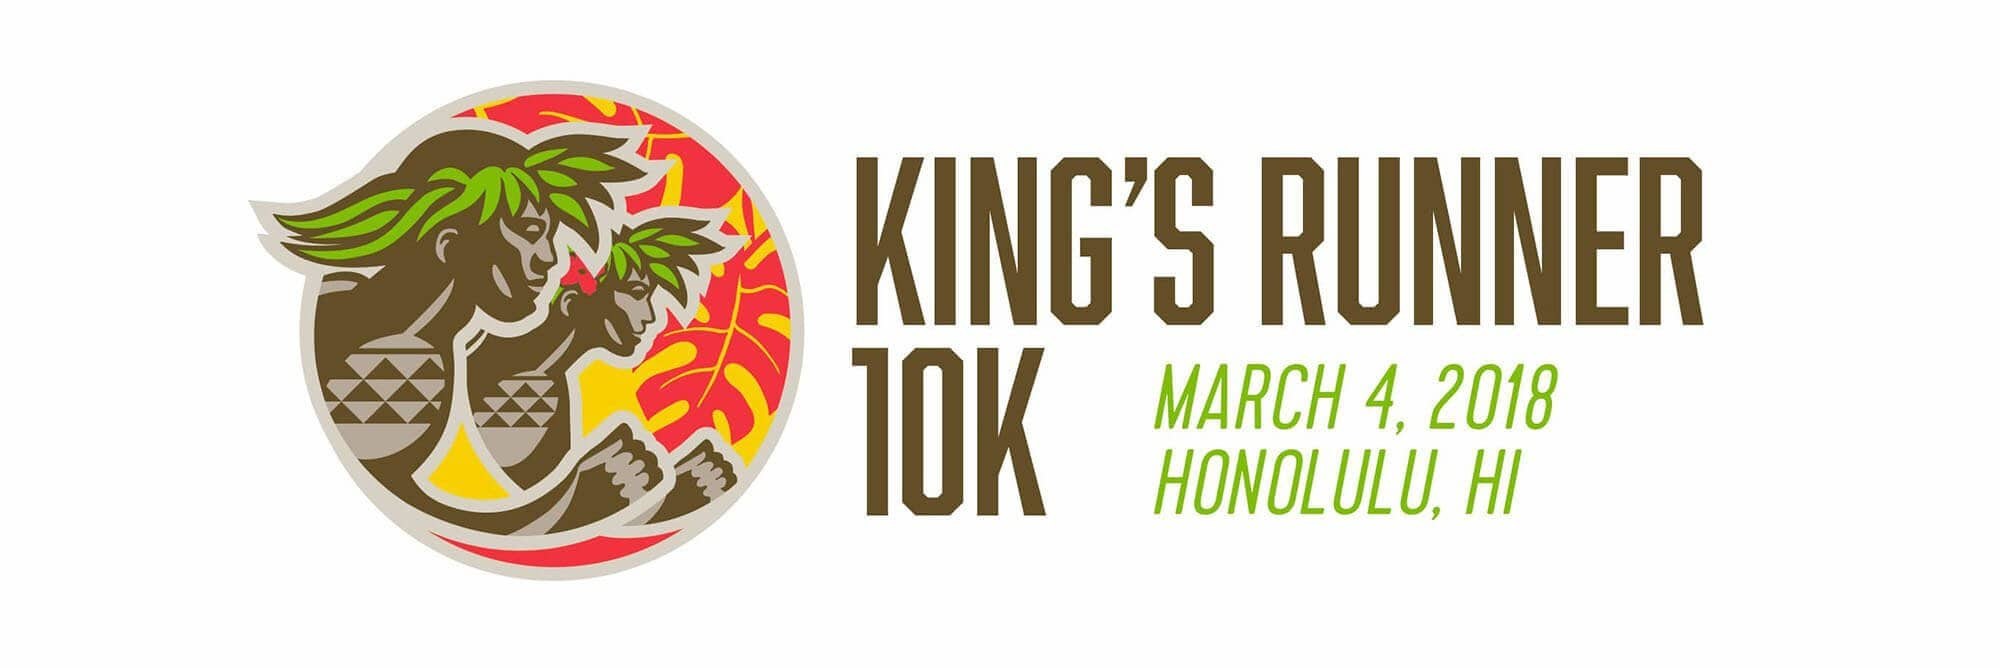 Image for New 10k race in March – King's Runner 10k